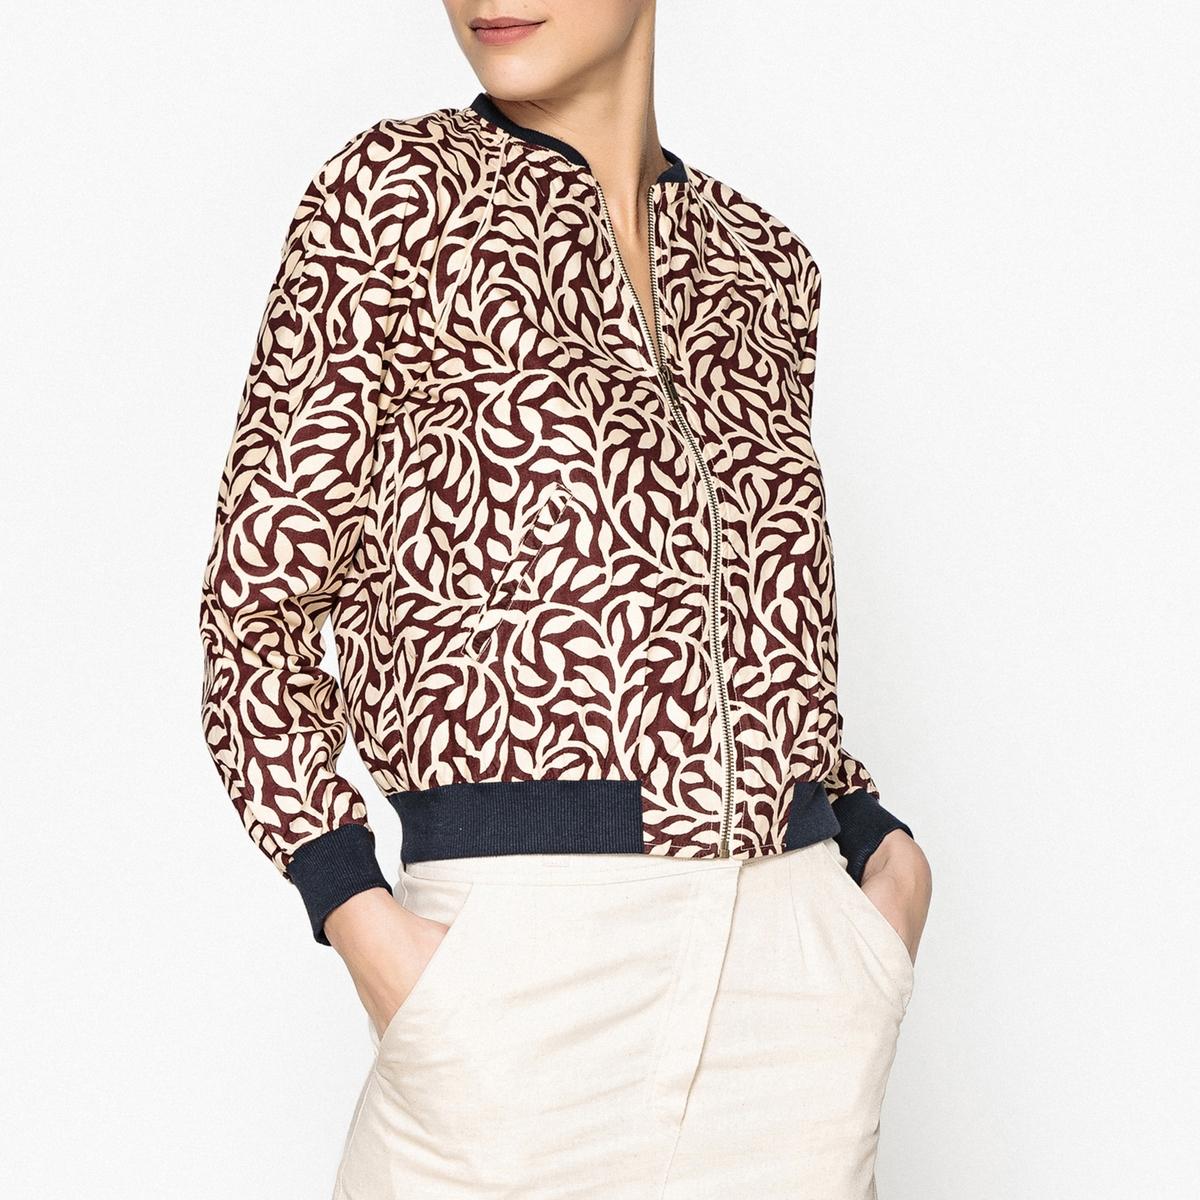 Жакет-бомбер с рисунком JASONОписание:Короткий женский блузон из ткани с рисунком S?UR - модель JASON. Карманы по бокам, застежка на молнию. Контрастные края.Детали •  На молнии •  Приталенный покрой •   Без воротника •  Рисунок-принтСостав и уход •  100% хлопок •  Следуйте рекомендациям по уходу, указанным на этикетке изделия<br><br>Цвет: бордовый